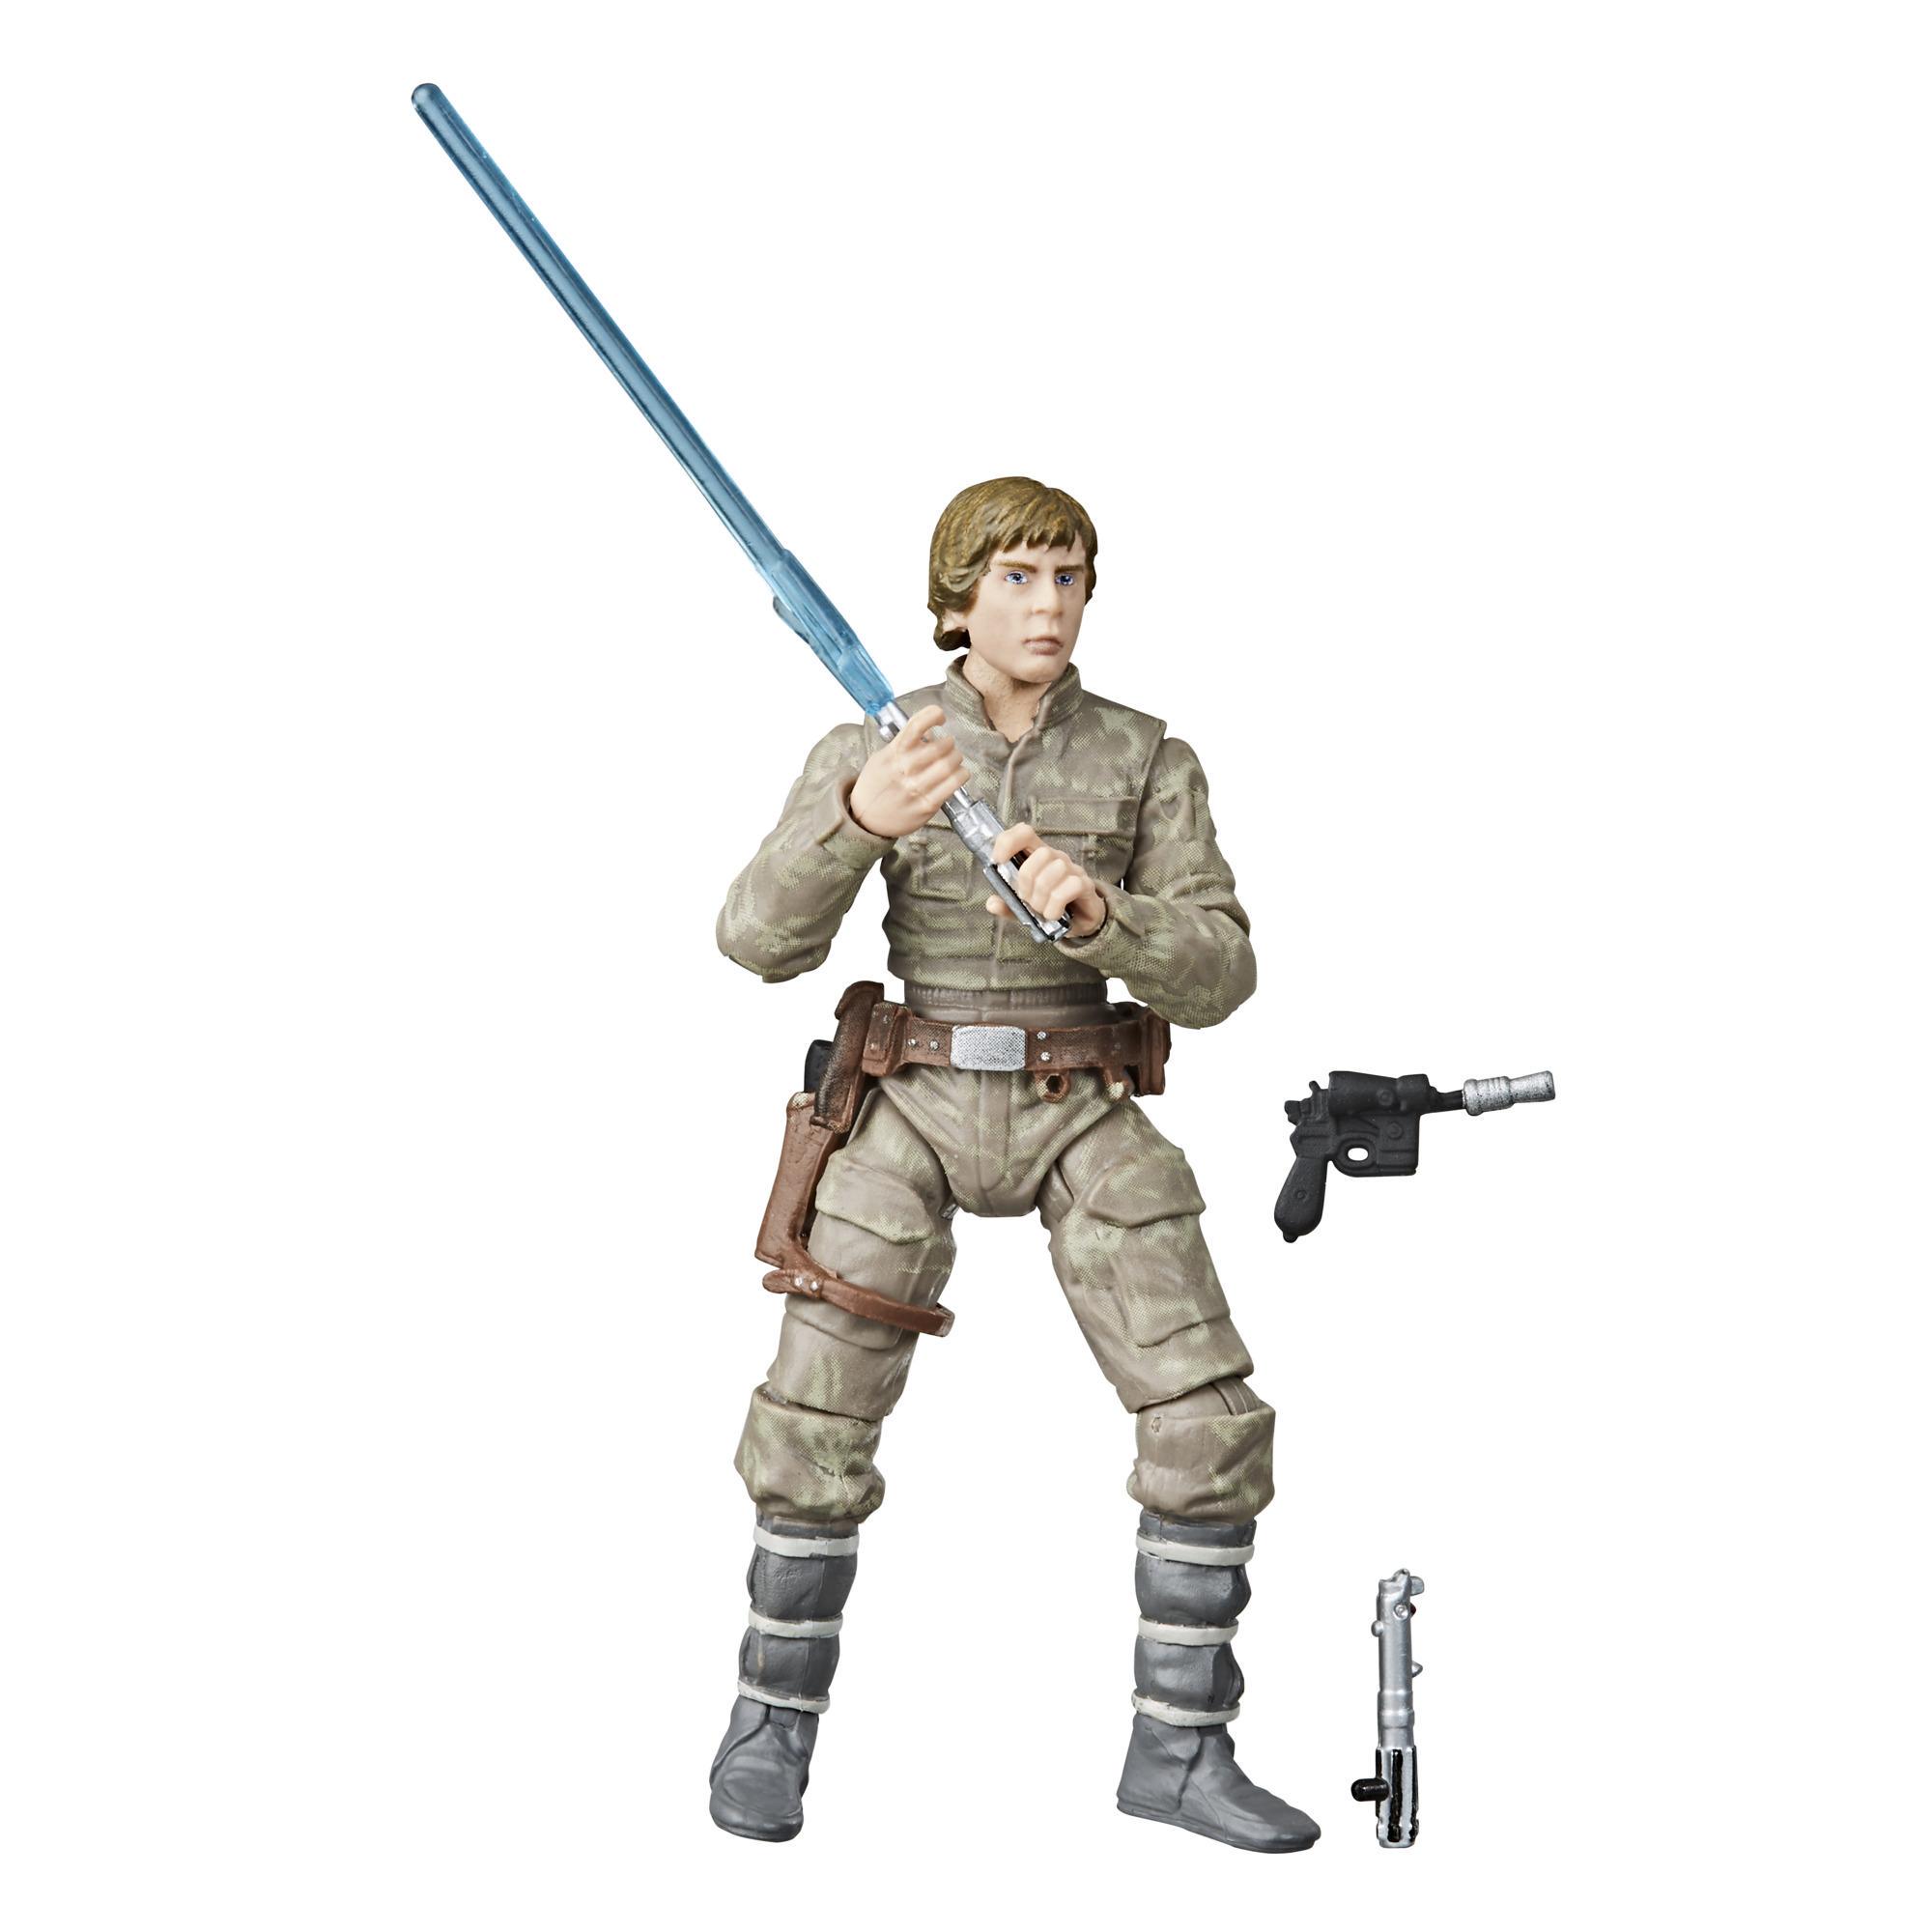 Star Wars La colección Vintage - Star Wars: El Imperio contraataca - Luke Skywalker (Bespin) a escala de 9,5 cm